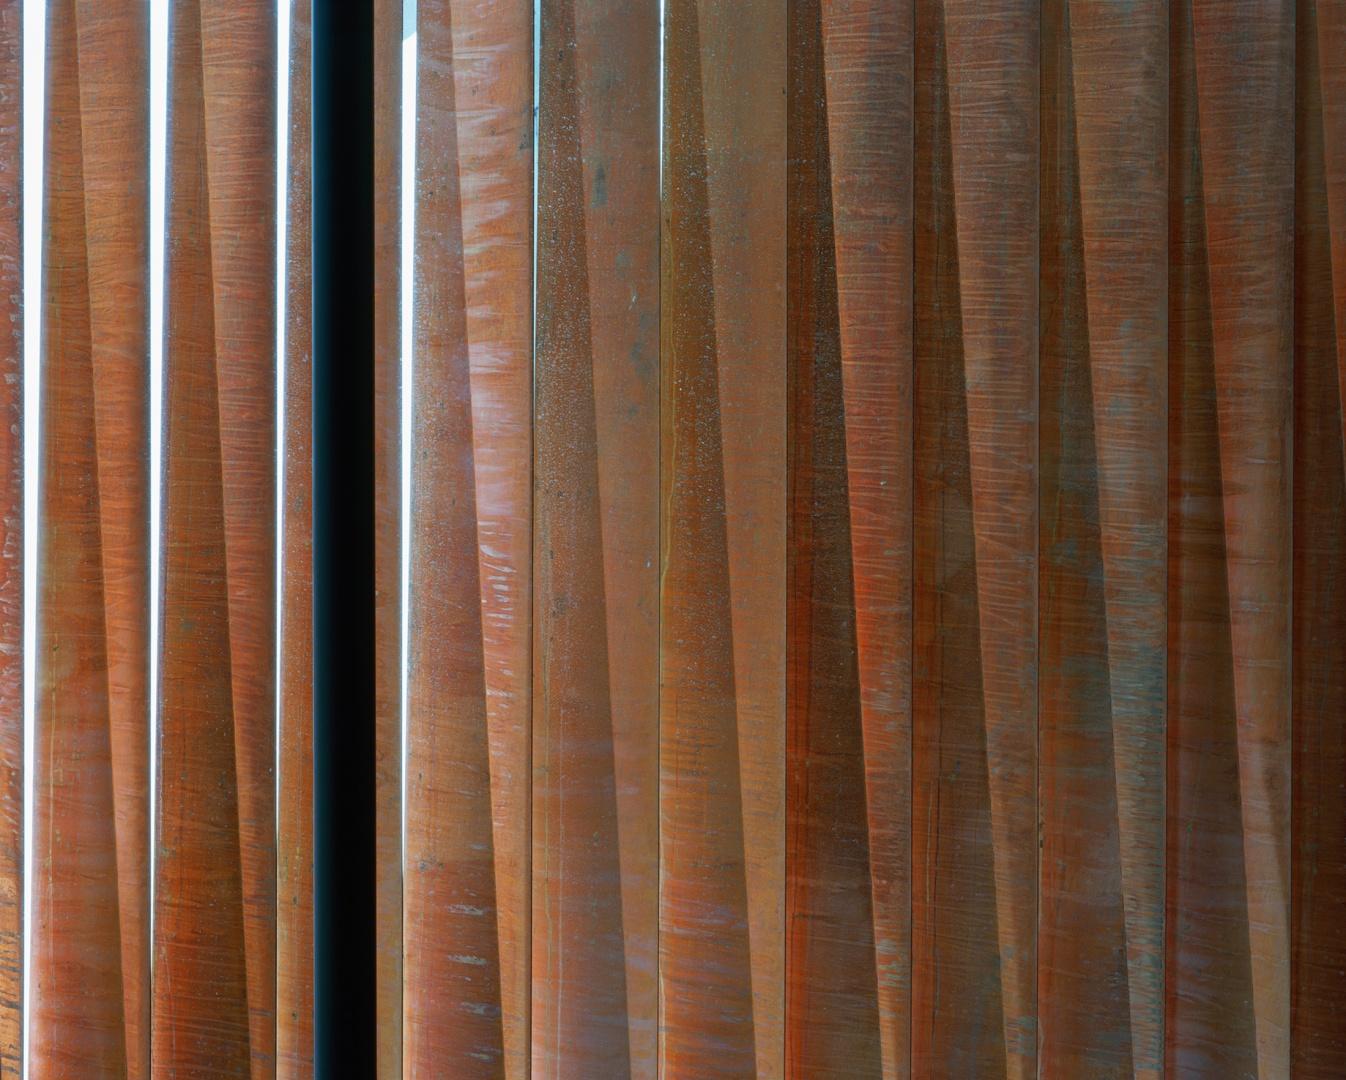 Durchblick © Joël Tettamanti, www.tettamanti.ch